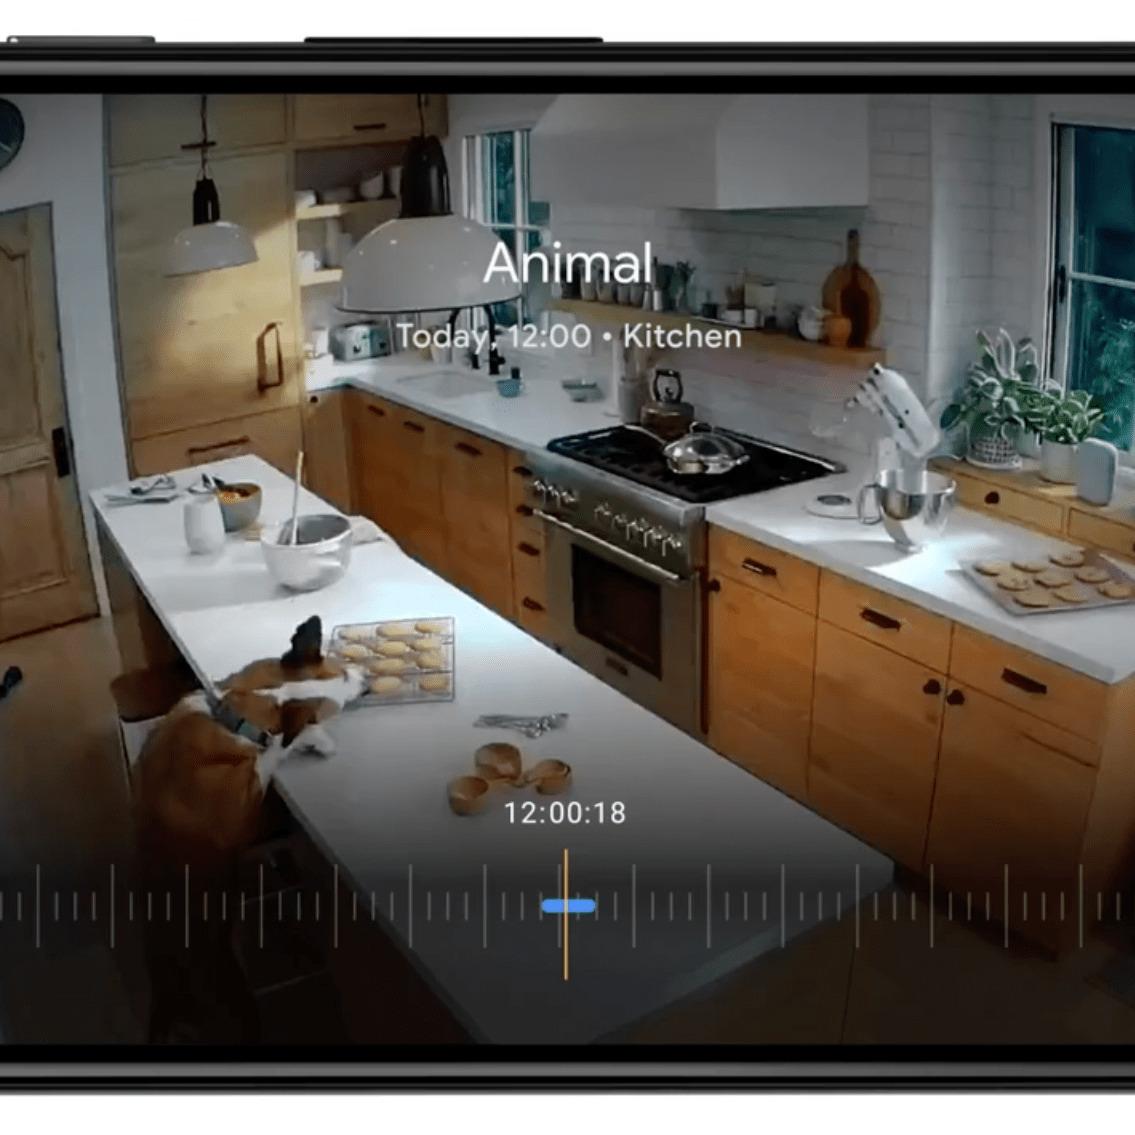 Vous pouvez afficher en live n'importe quel flux vidéo des Nest Cam